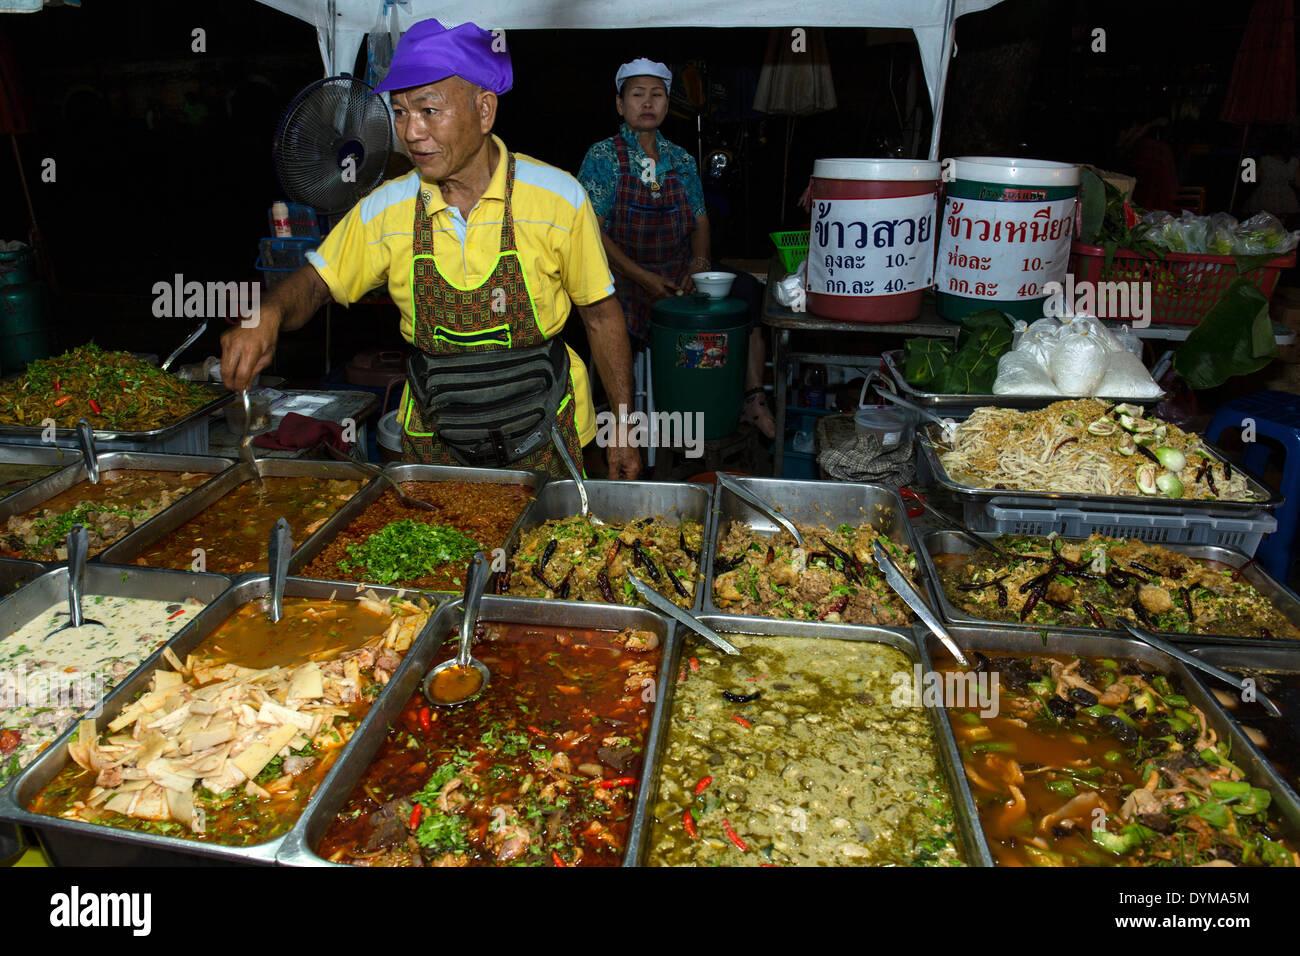 Mann, thailändische Spezialitäten, Nachtmarkt in Walking Street, Chiang Rai, Chiang Rai Provinz, Nord-Thailand, Thailand zu verkaufen Stockbild